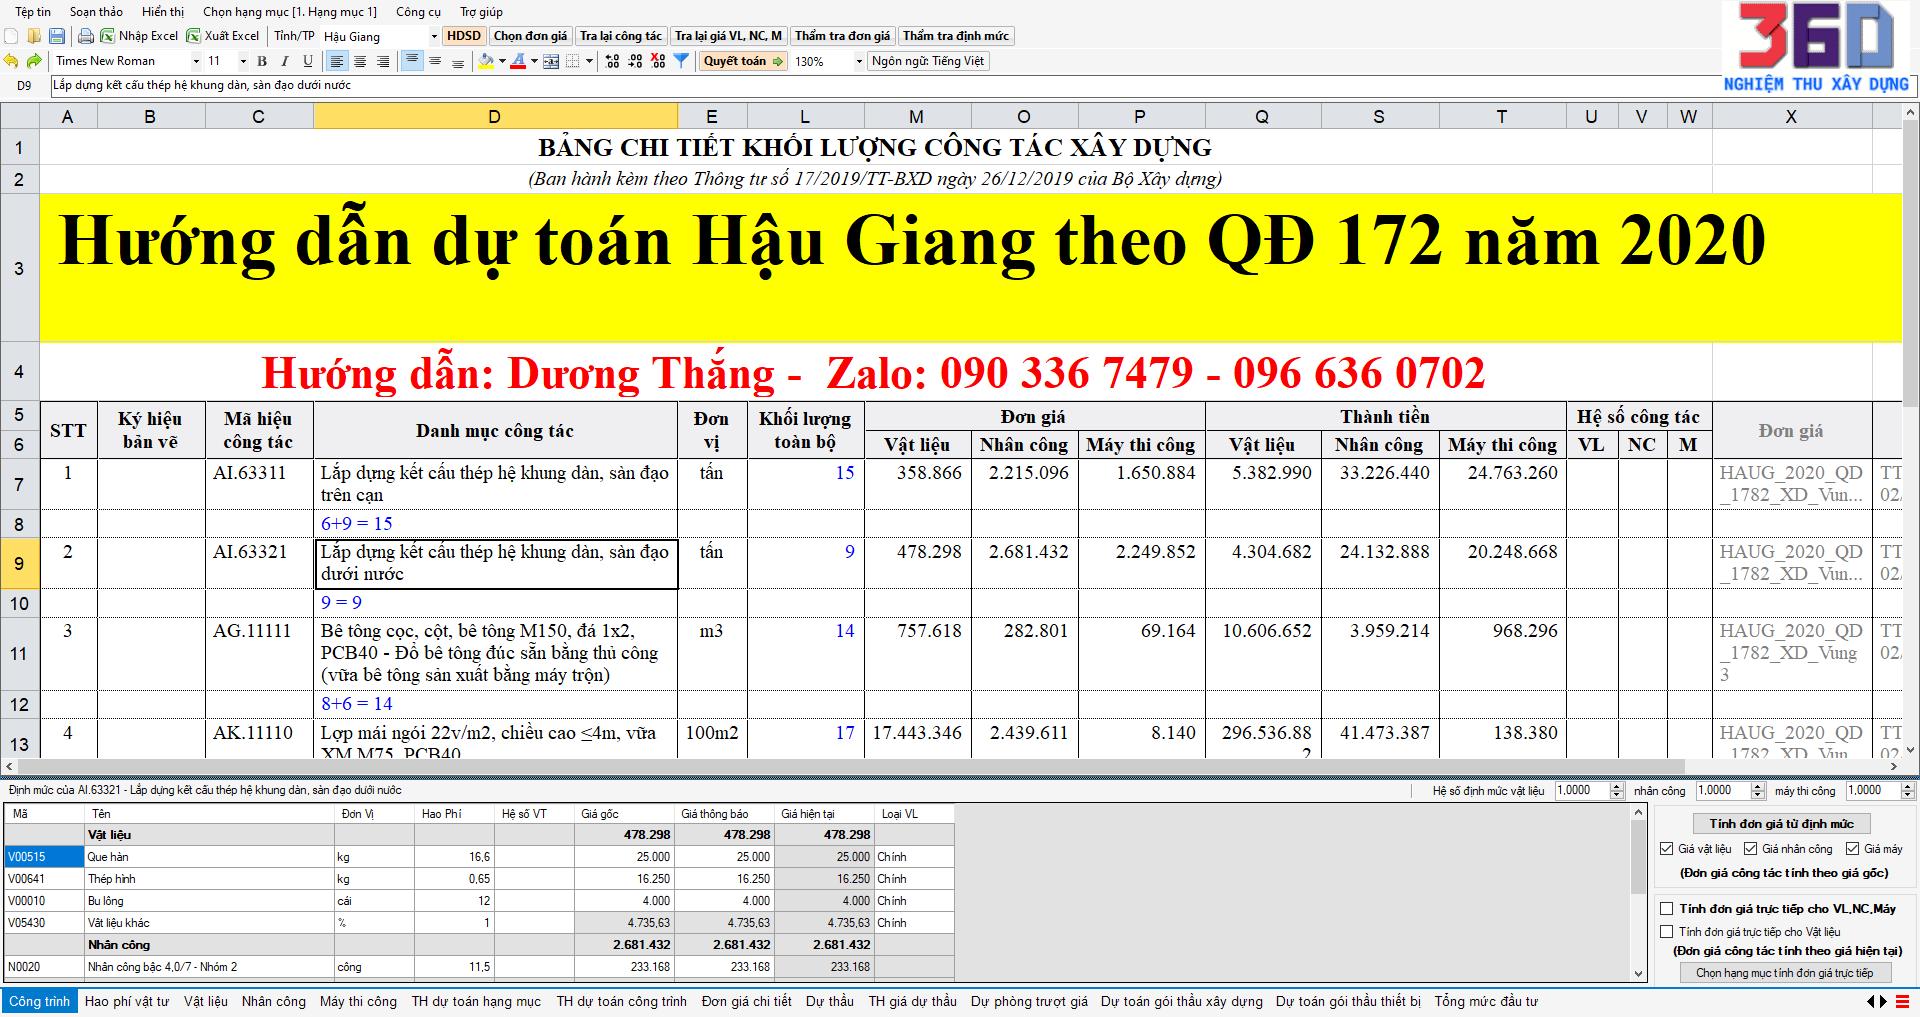 Hướng dẫn dự toán Hậu Giang theo quyết định số 172/QĐ-SXD ngày 22/12/2020 [Dương Thắng]